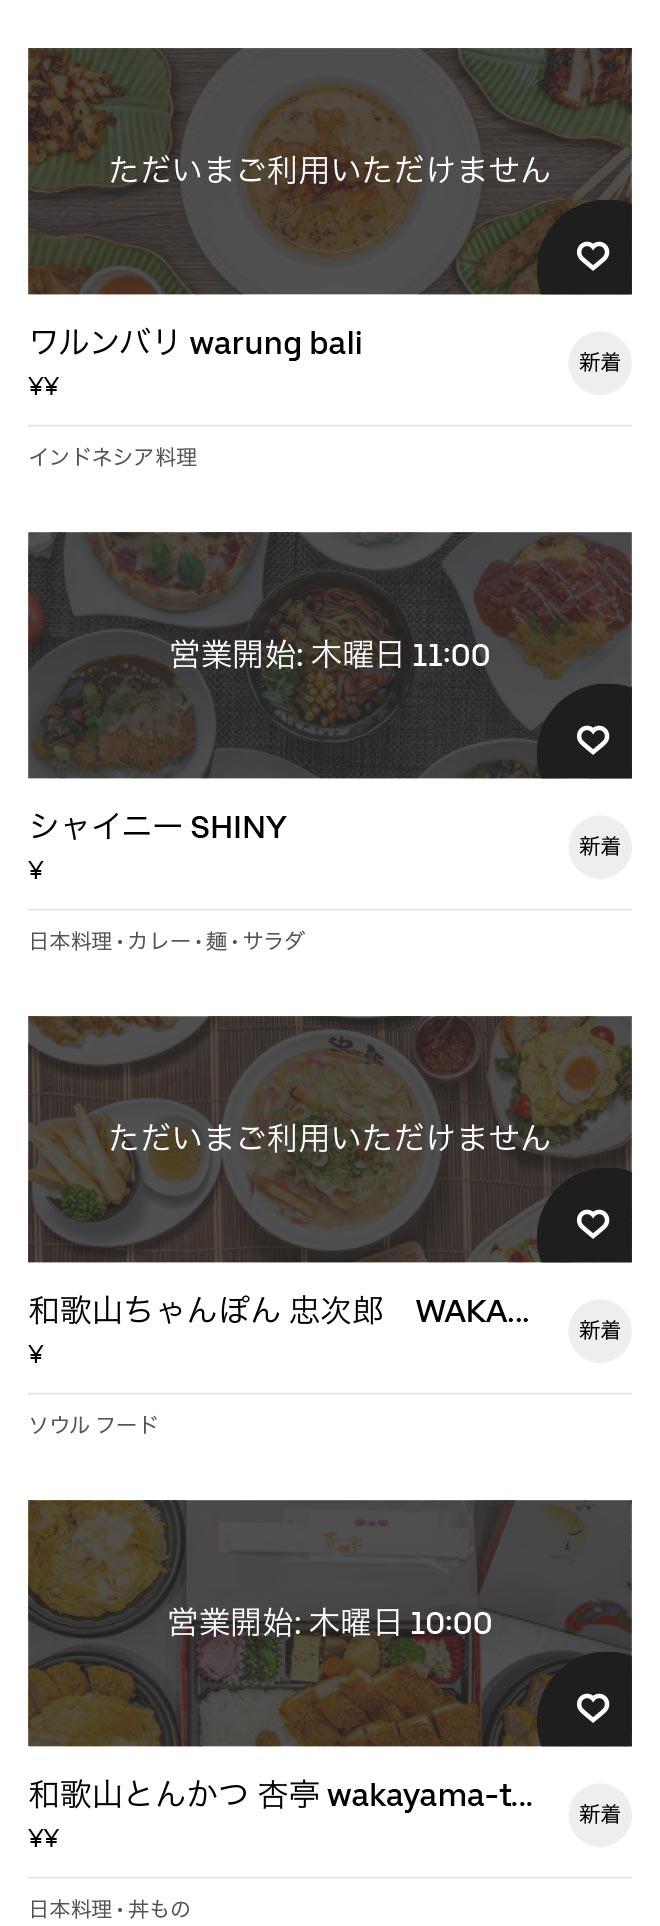 Wakayama menu 2011 6